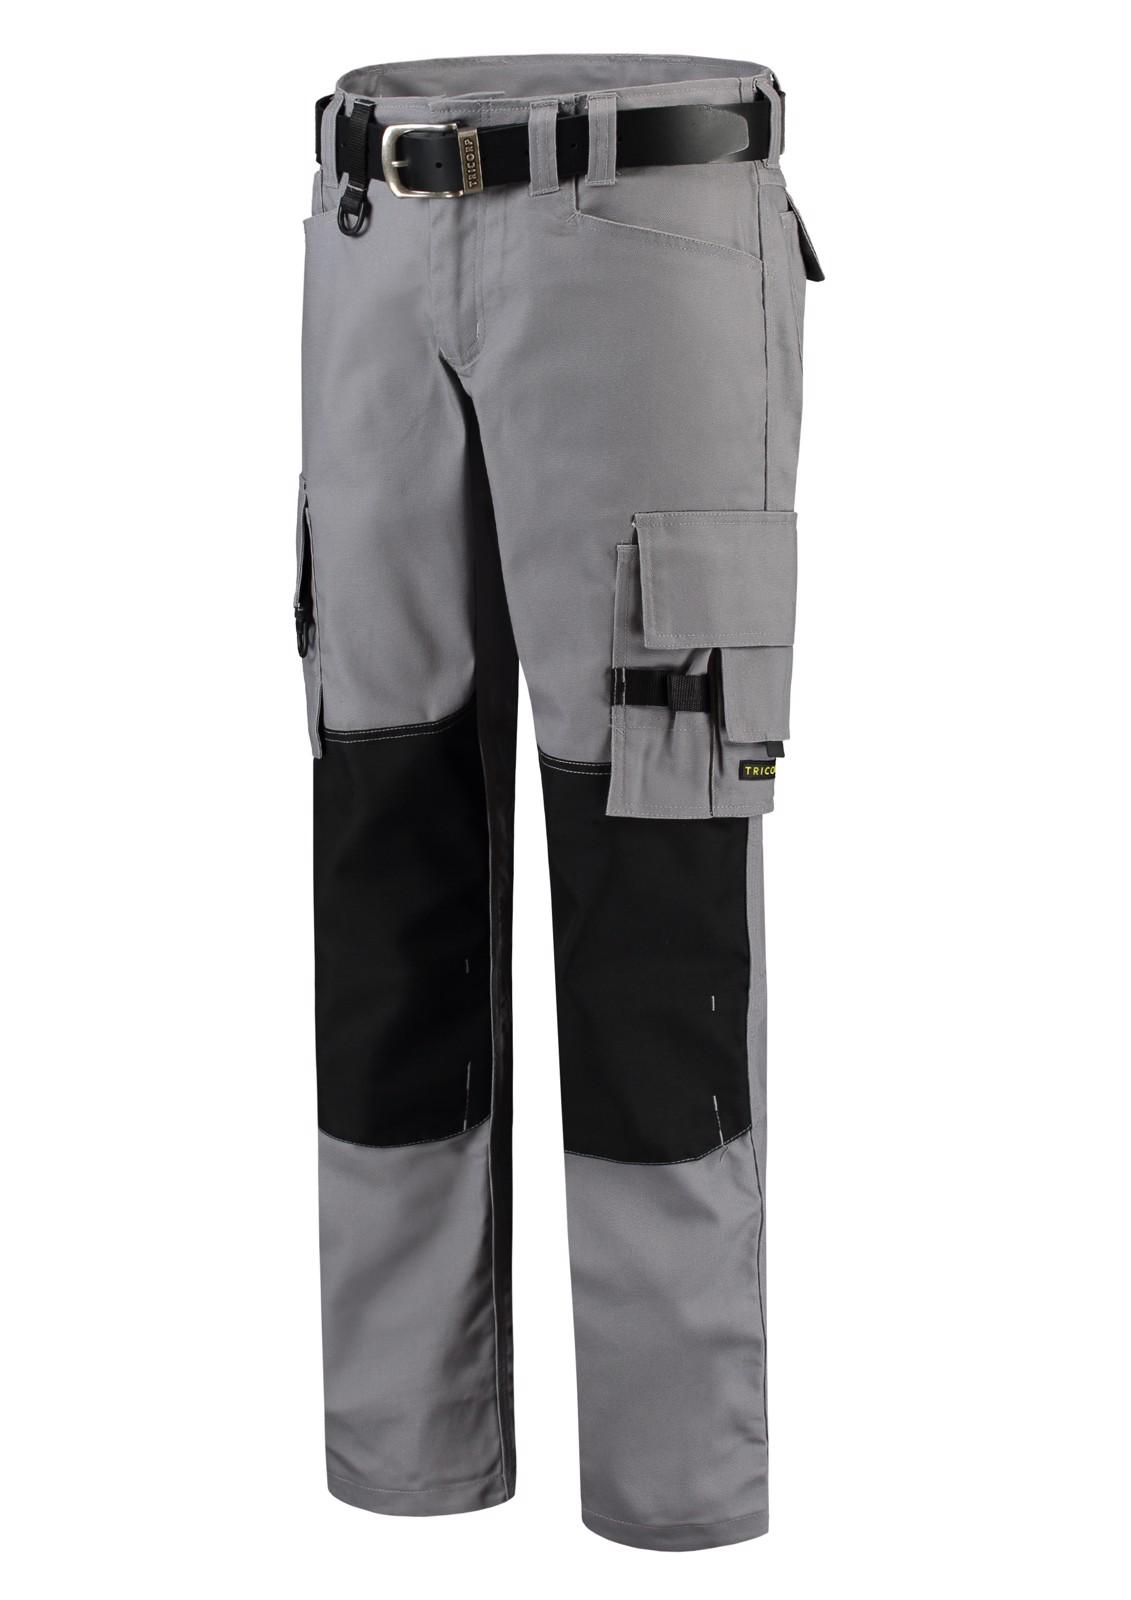 Pracovní kalhoty unisex Tricorp Cordura Canvas Work Pants - Šedá / 51